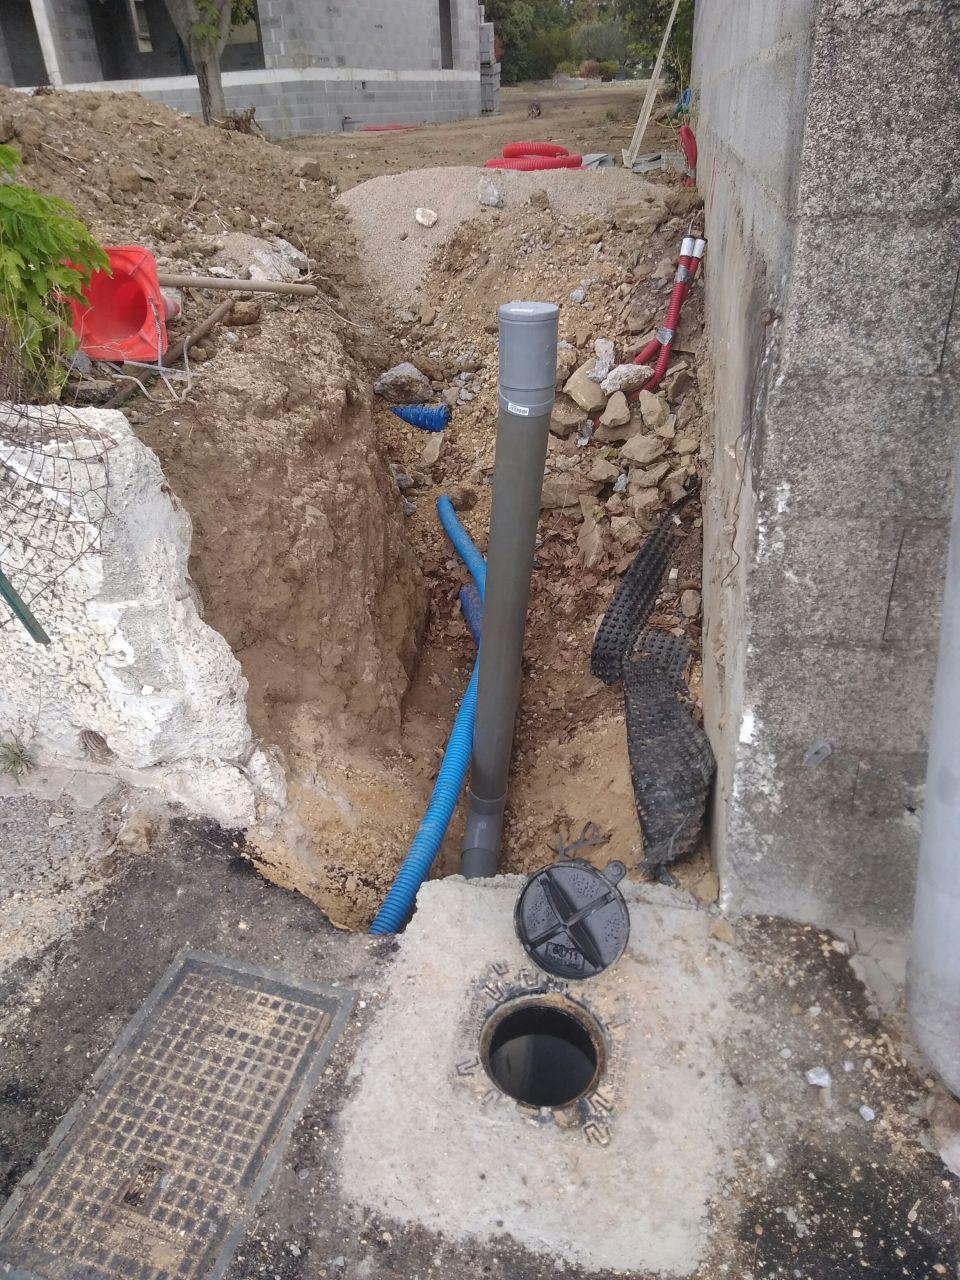 Connexion à la SAUR avec remontée pour connexion future de l'abri piscine vue de la route..